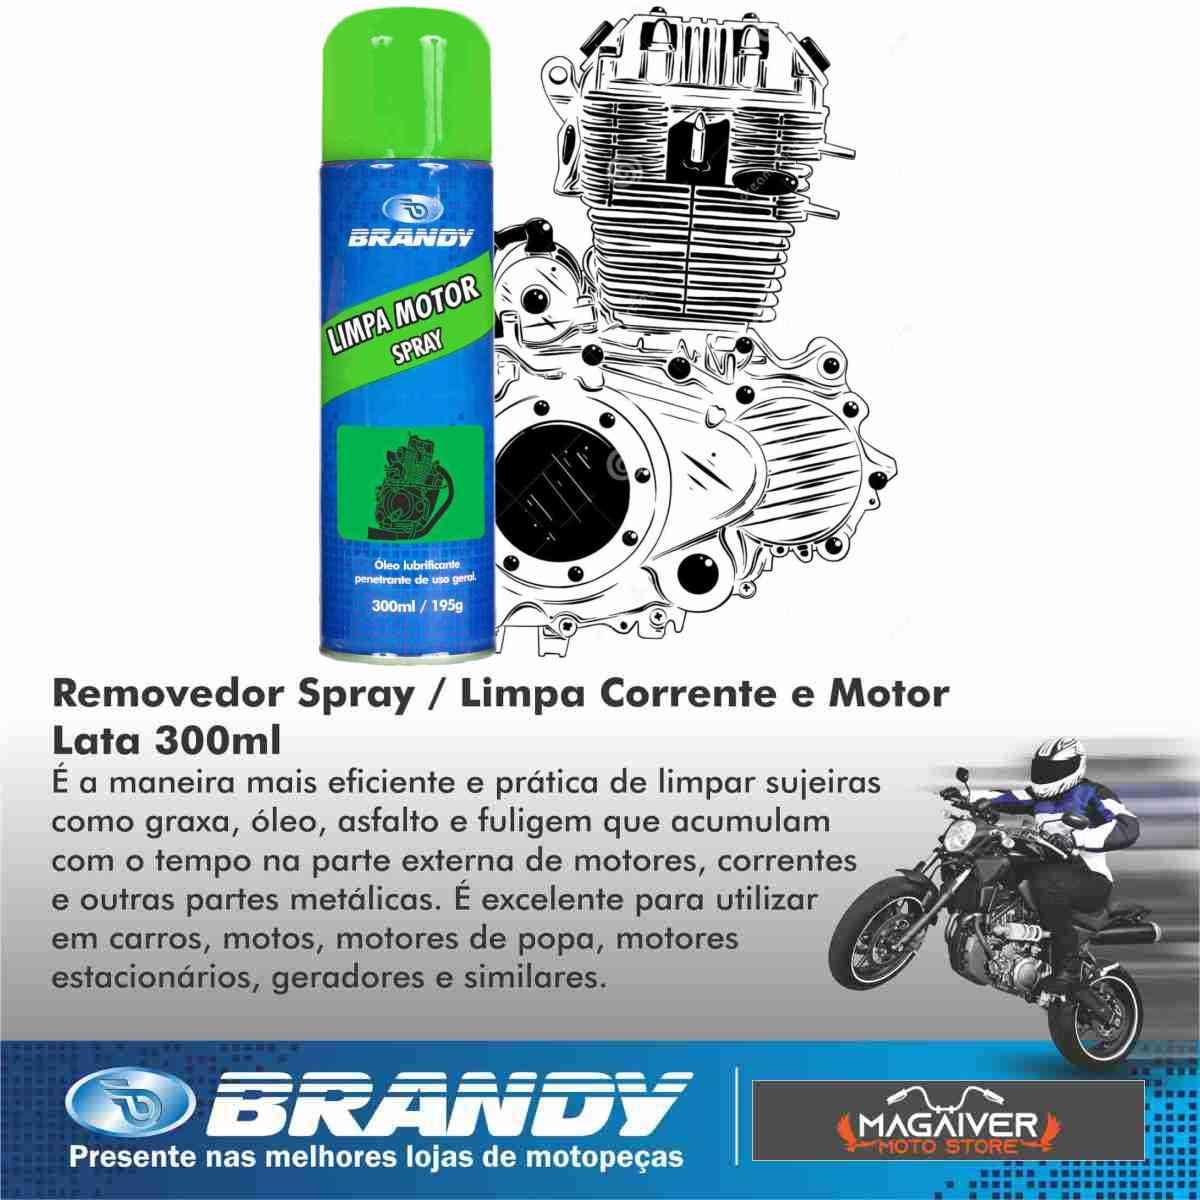 KIT 1 GRAXA MOTO SPRAY + 2 REMOVEDOR LIMPADOR CORRENTE E MOTOR + 1 DESENGRIPANTE DESENGRAXANTE 300ml